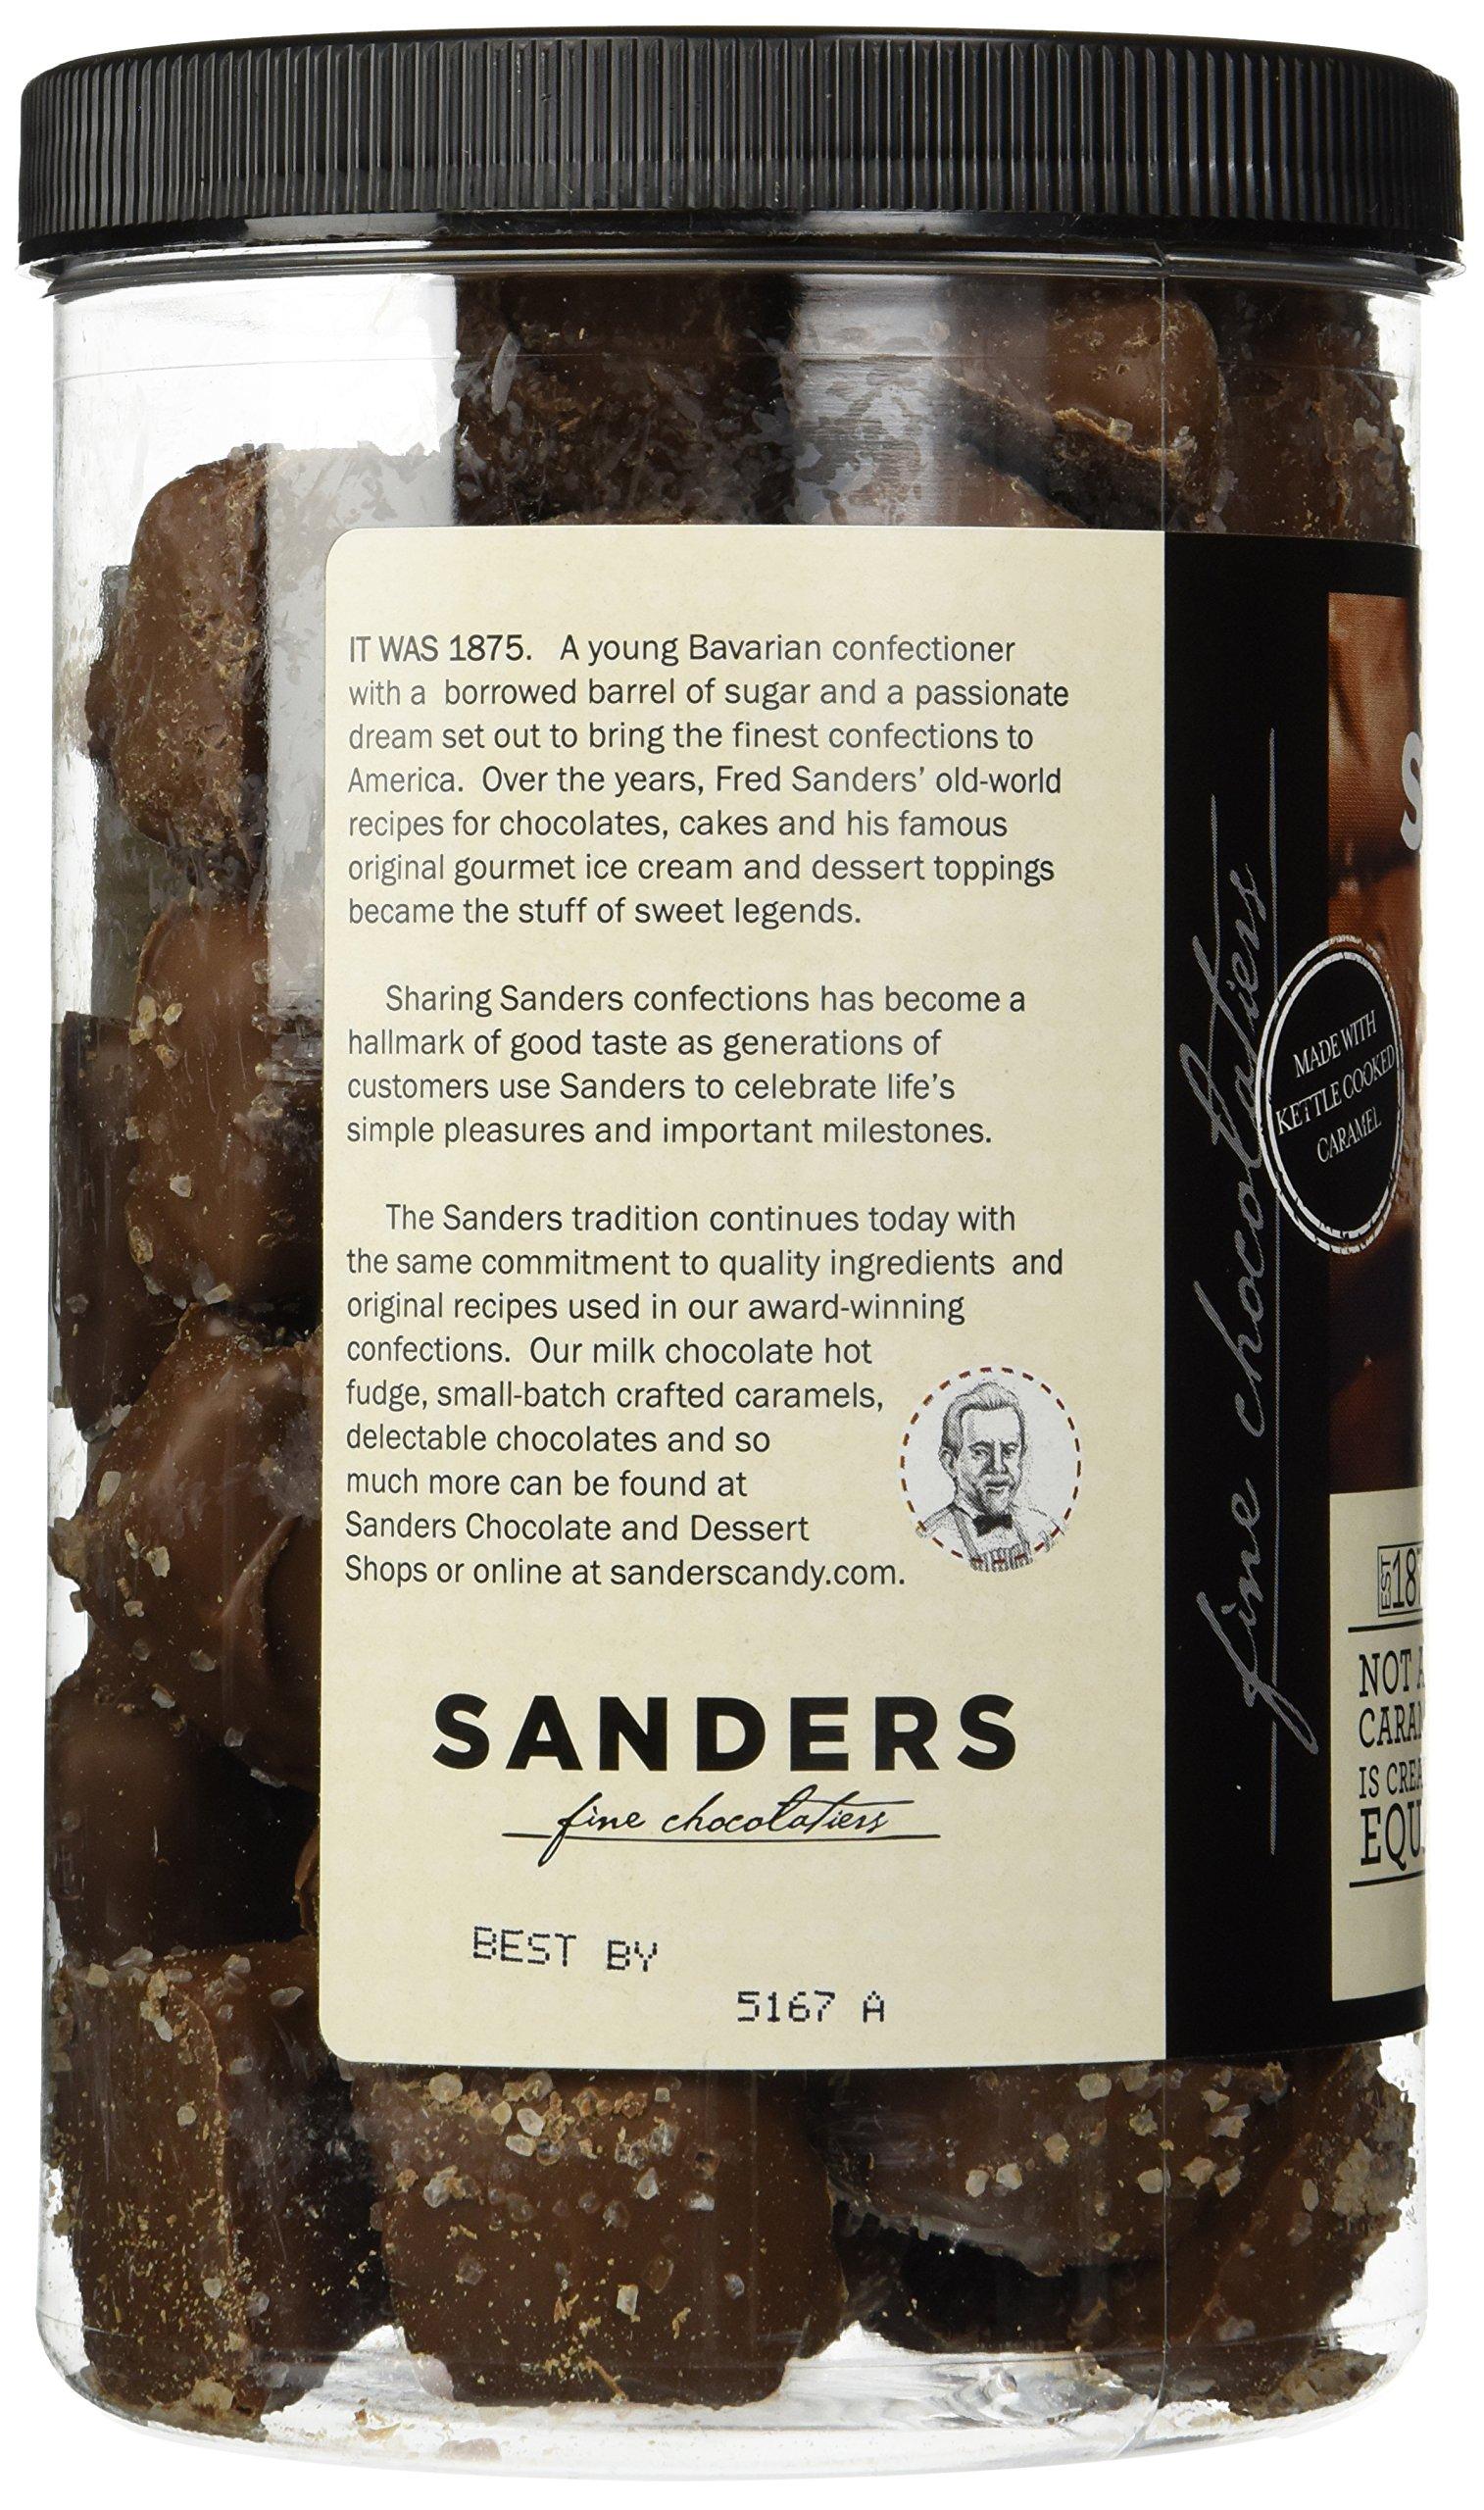 Sanders Milk Chocolate Sea Salt Caramels - 36 Oz. (2.25 lb) by Sanders® (Image #4)